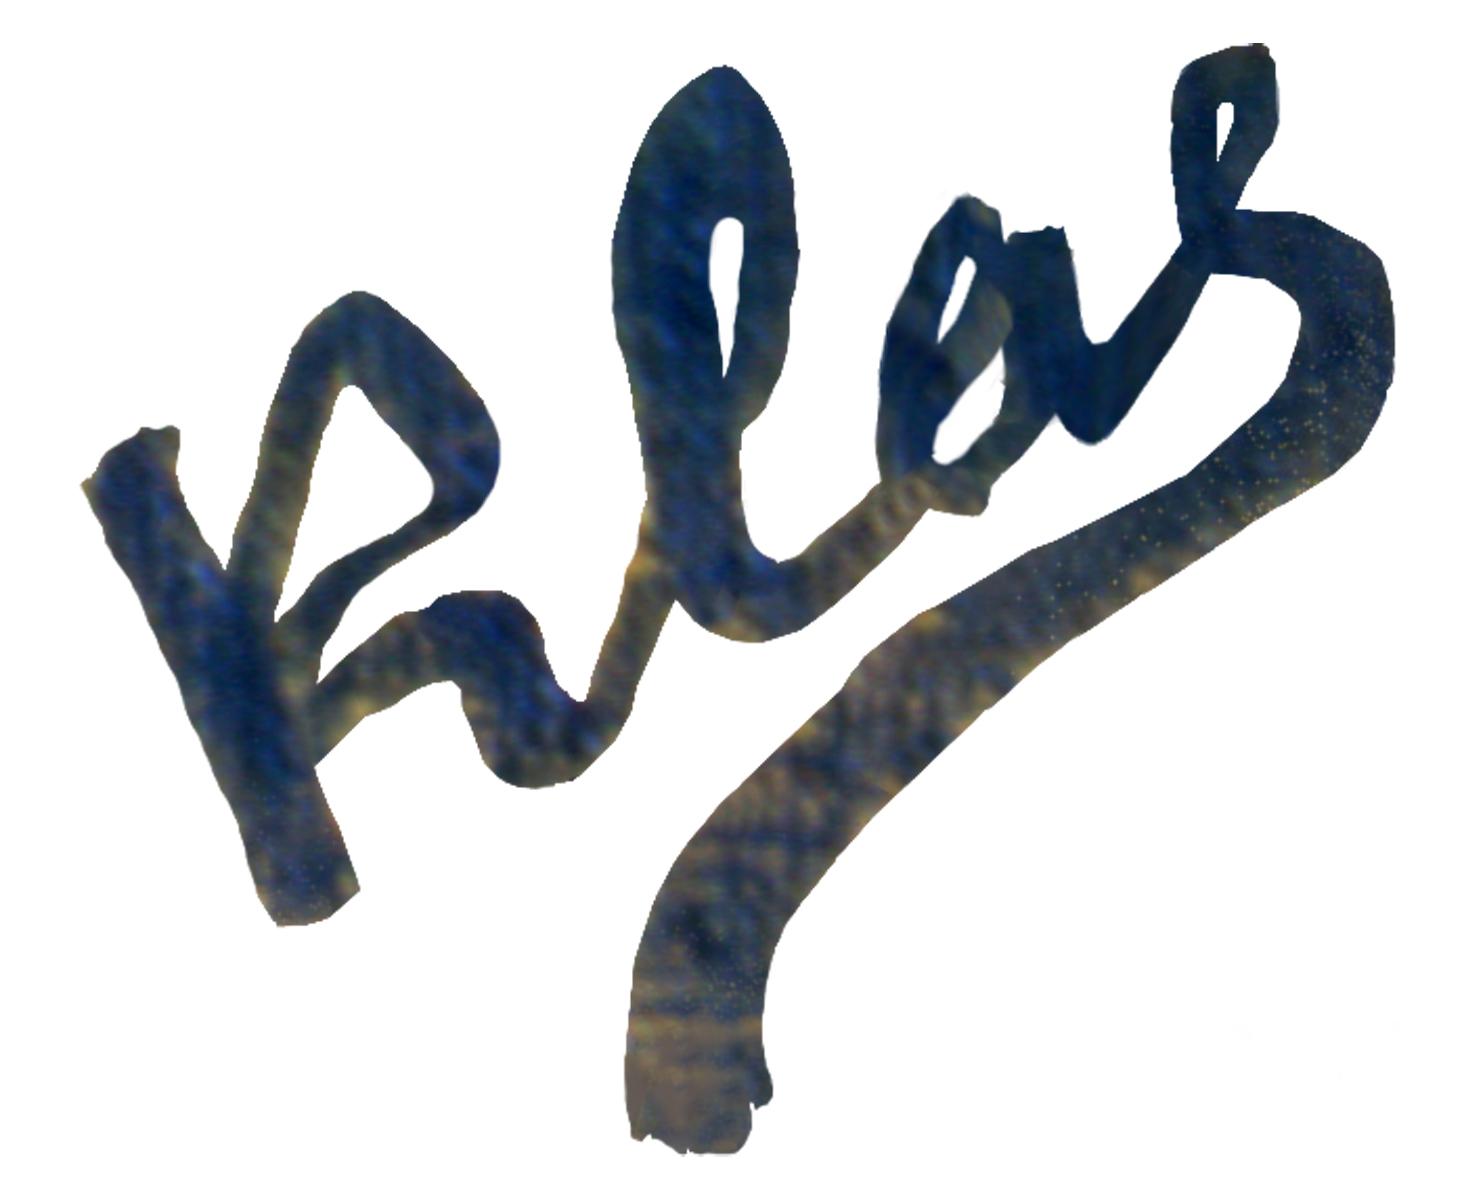 Alex Klas's Signature